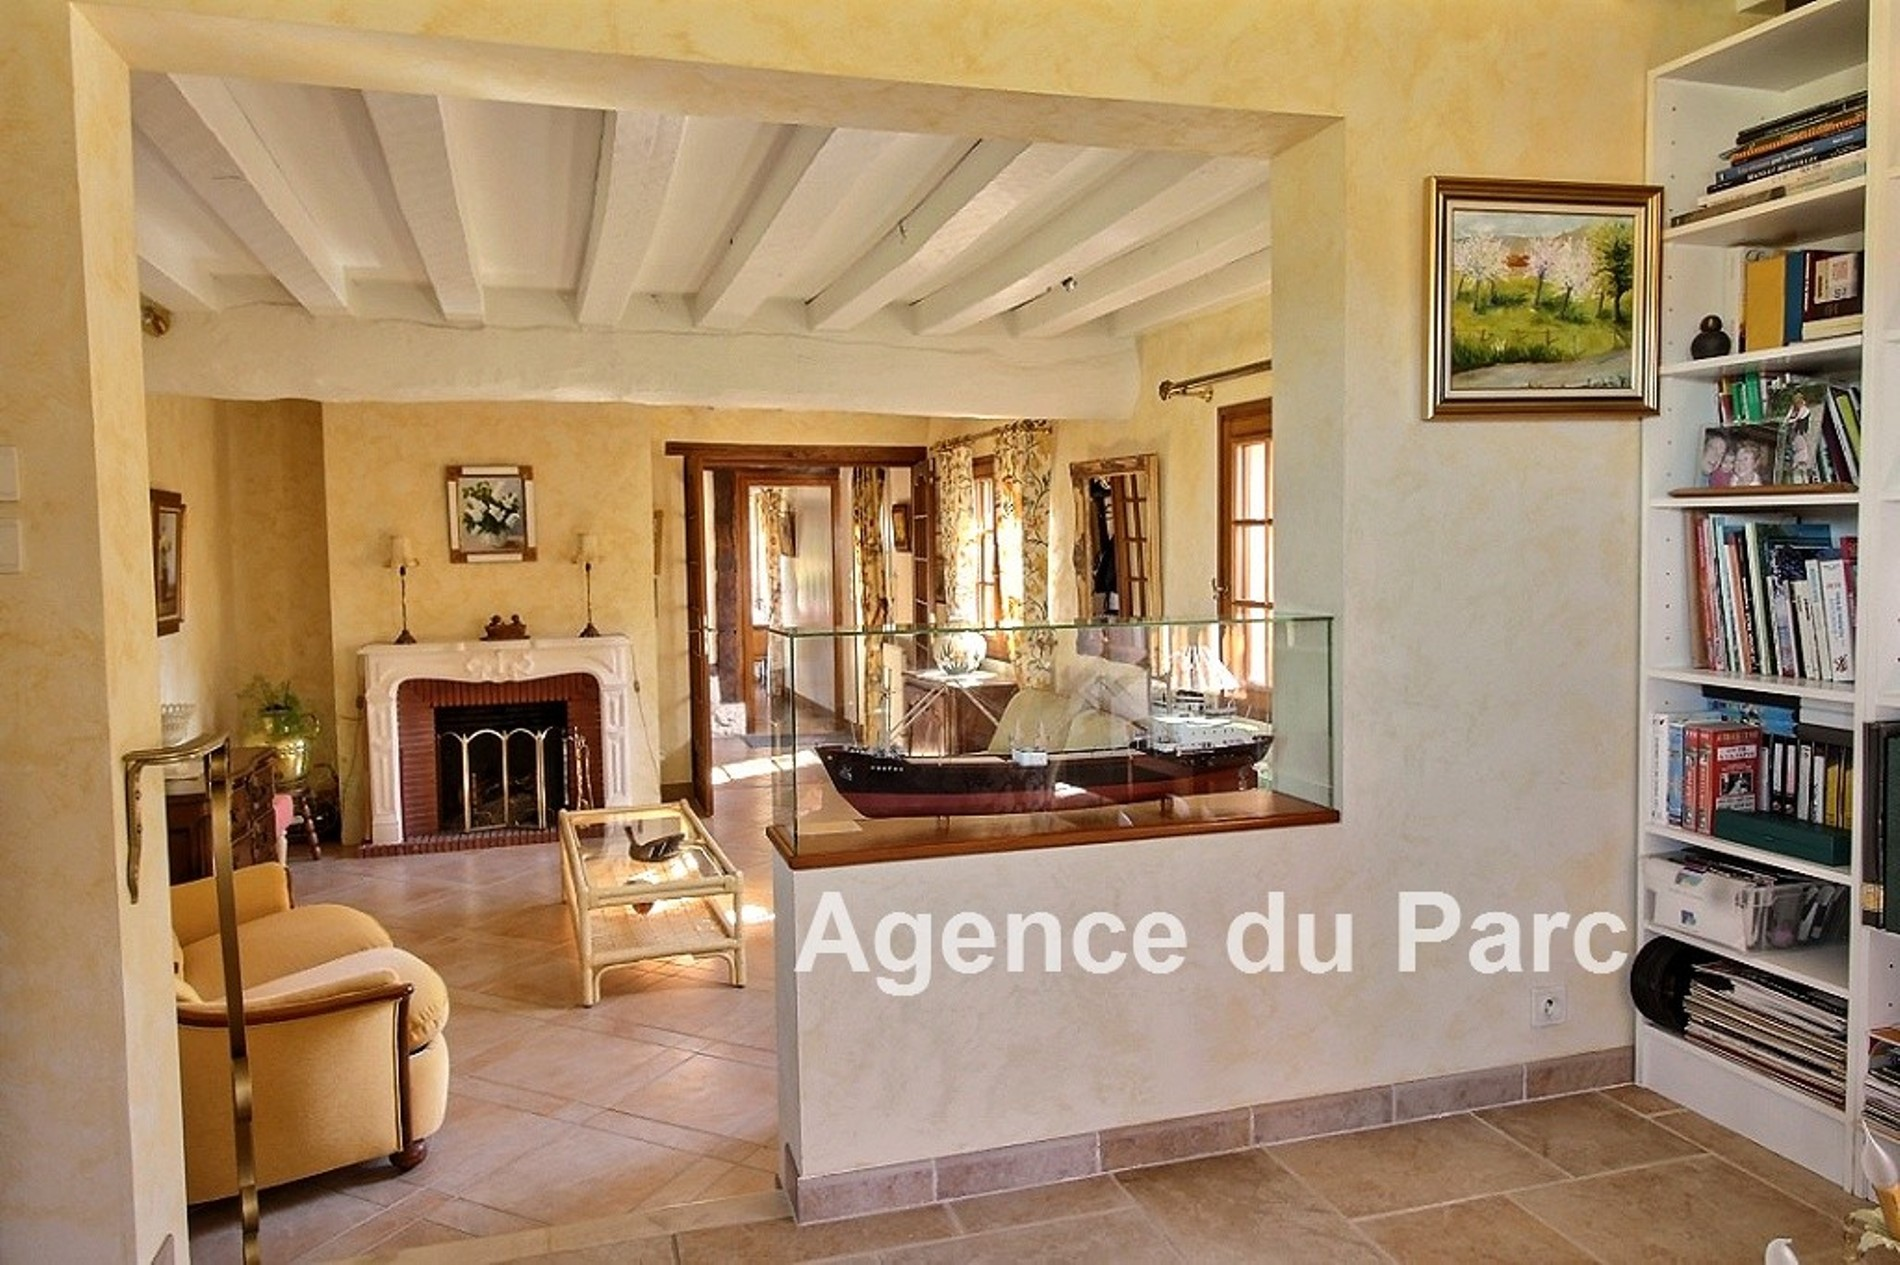 Acheter achat d 39 une charmante maison normande en vall e de for Acheter une maison a paris